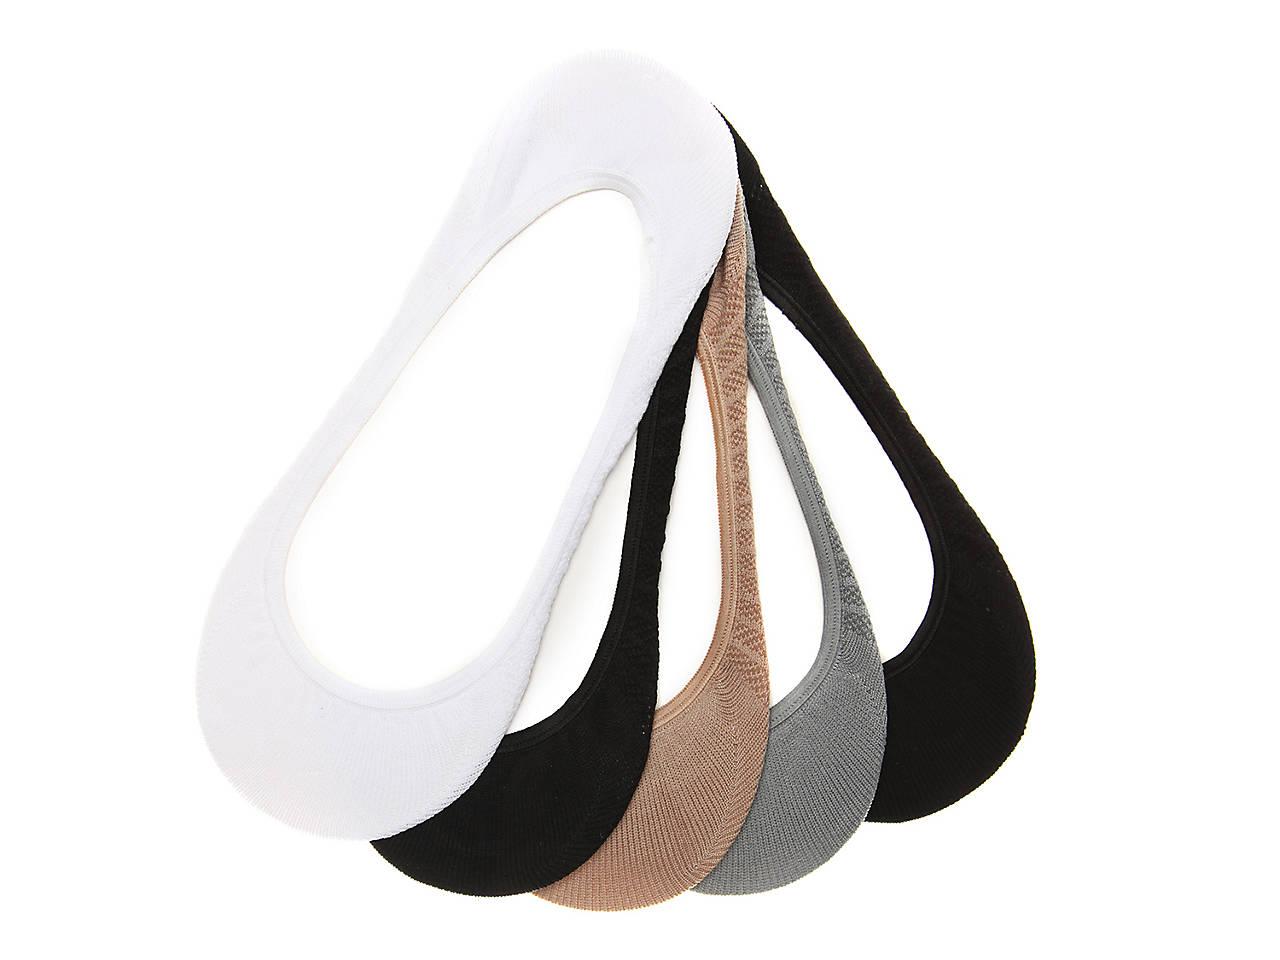 8cceebf01a00 Steve Madden Mesh Women s No Show Liners - 5 Pack Women s Handbags ...